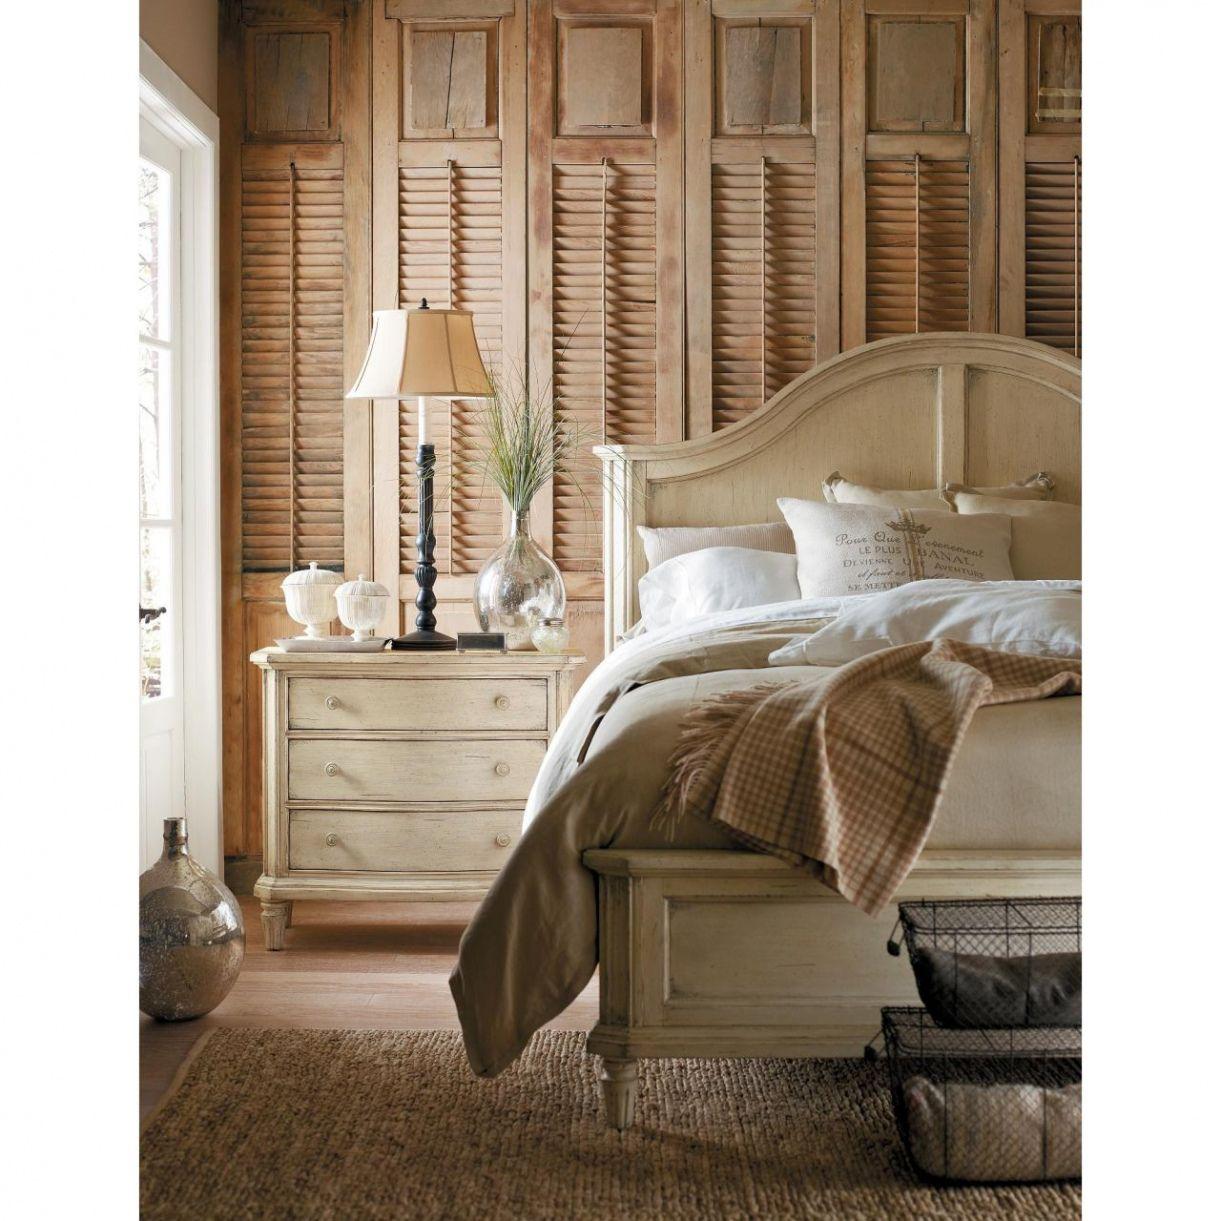 Room Stanley Furniture Bedroom Interior Paint